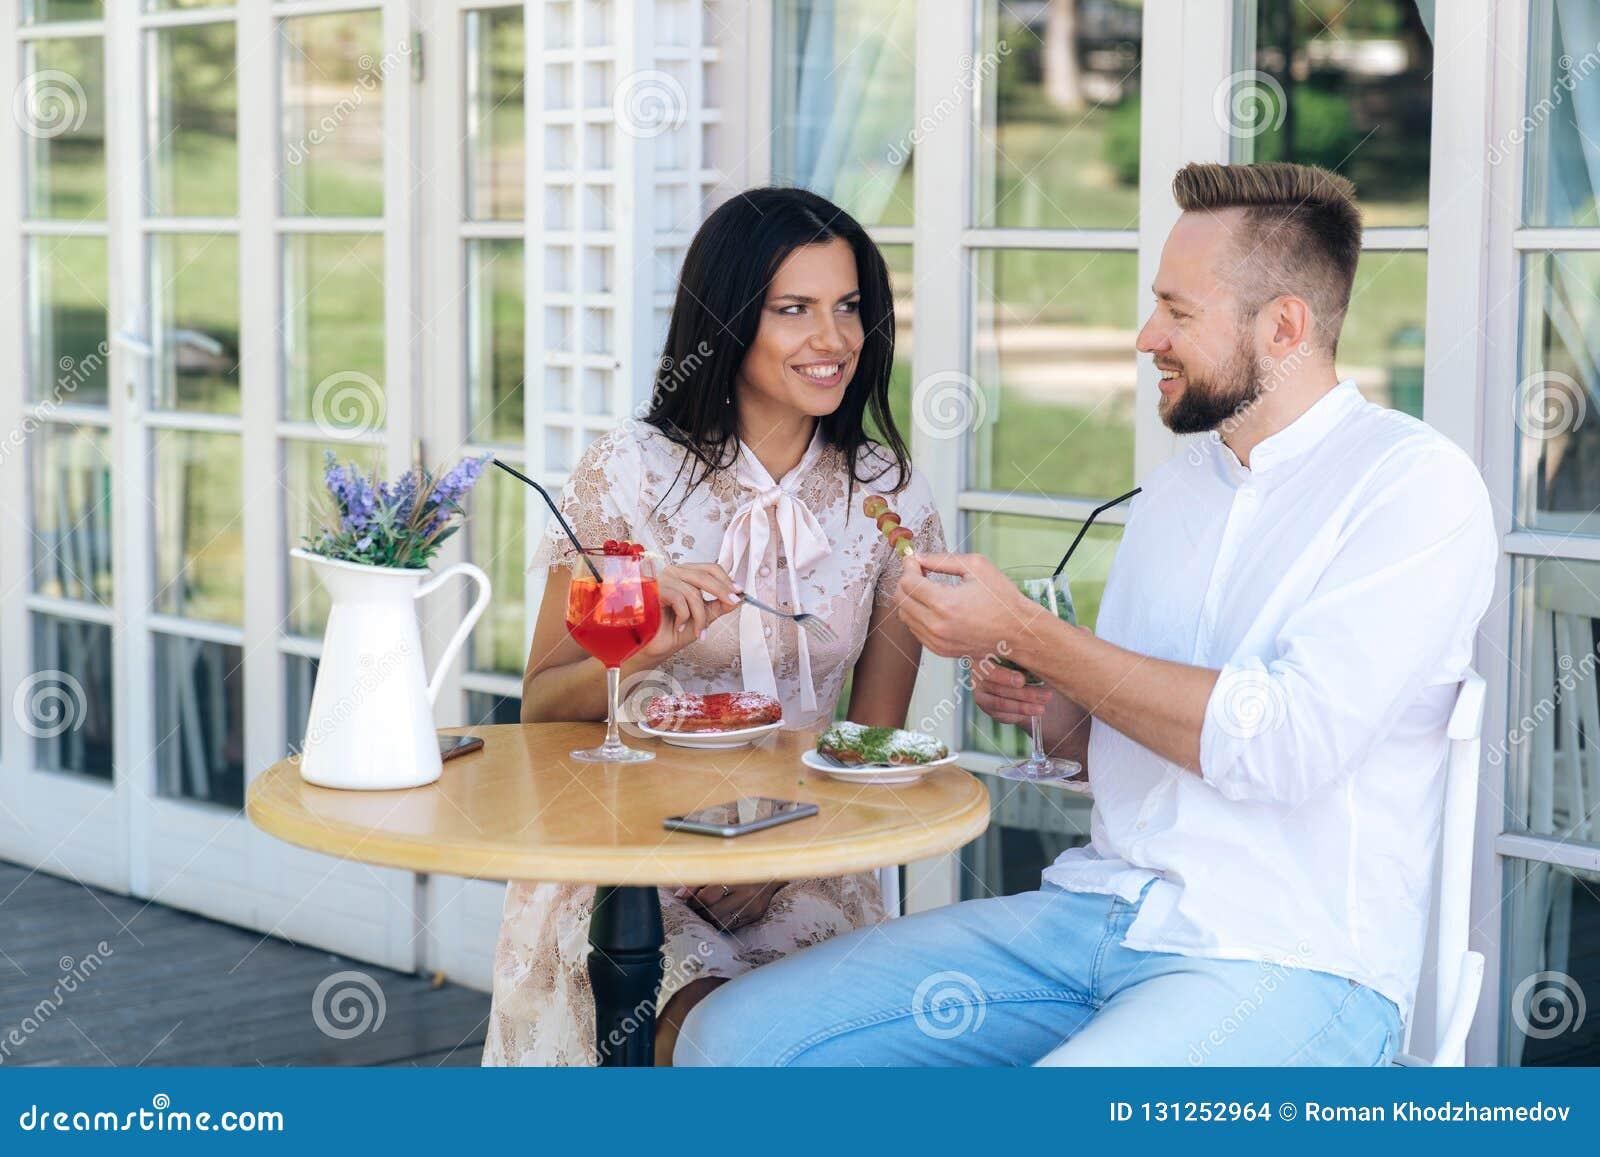 Los amantes almuerzan en un café Un hombre y una mujer acaban de comenzar fechar, van a los restaurantes, caminan, pasan el tiemp